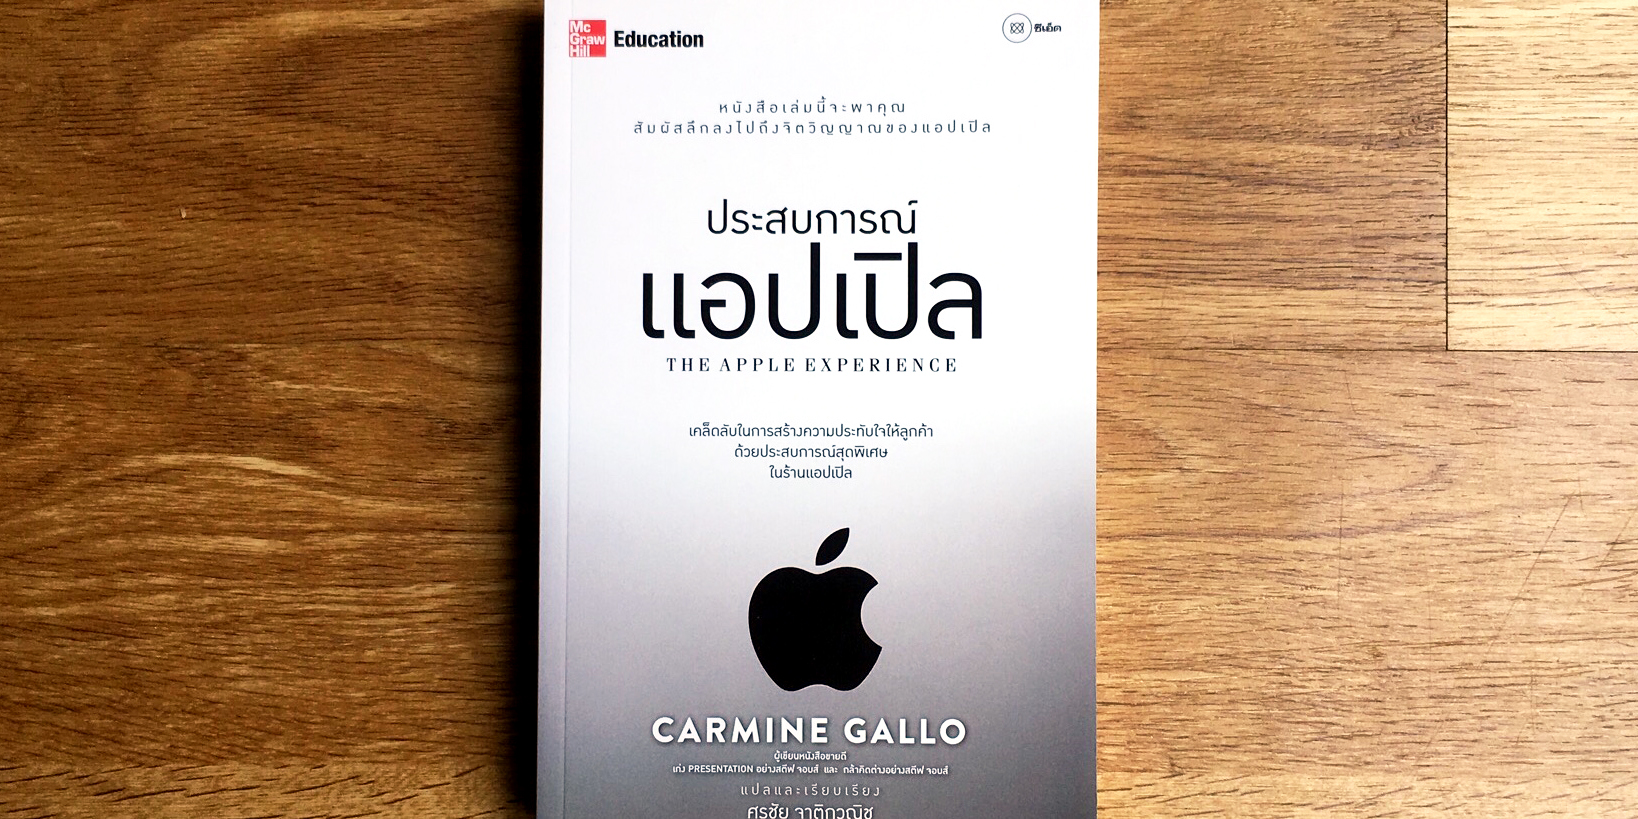 สรุปหนังสือ The Apple Experience ประสบการณ์แอปเปิล